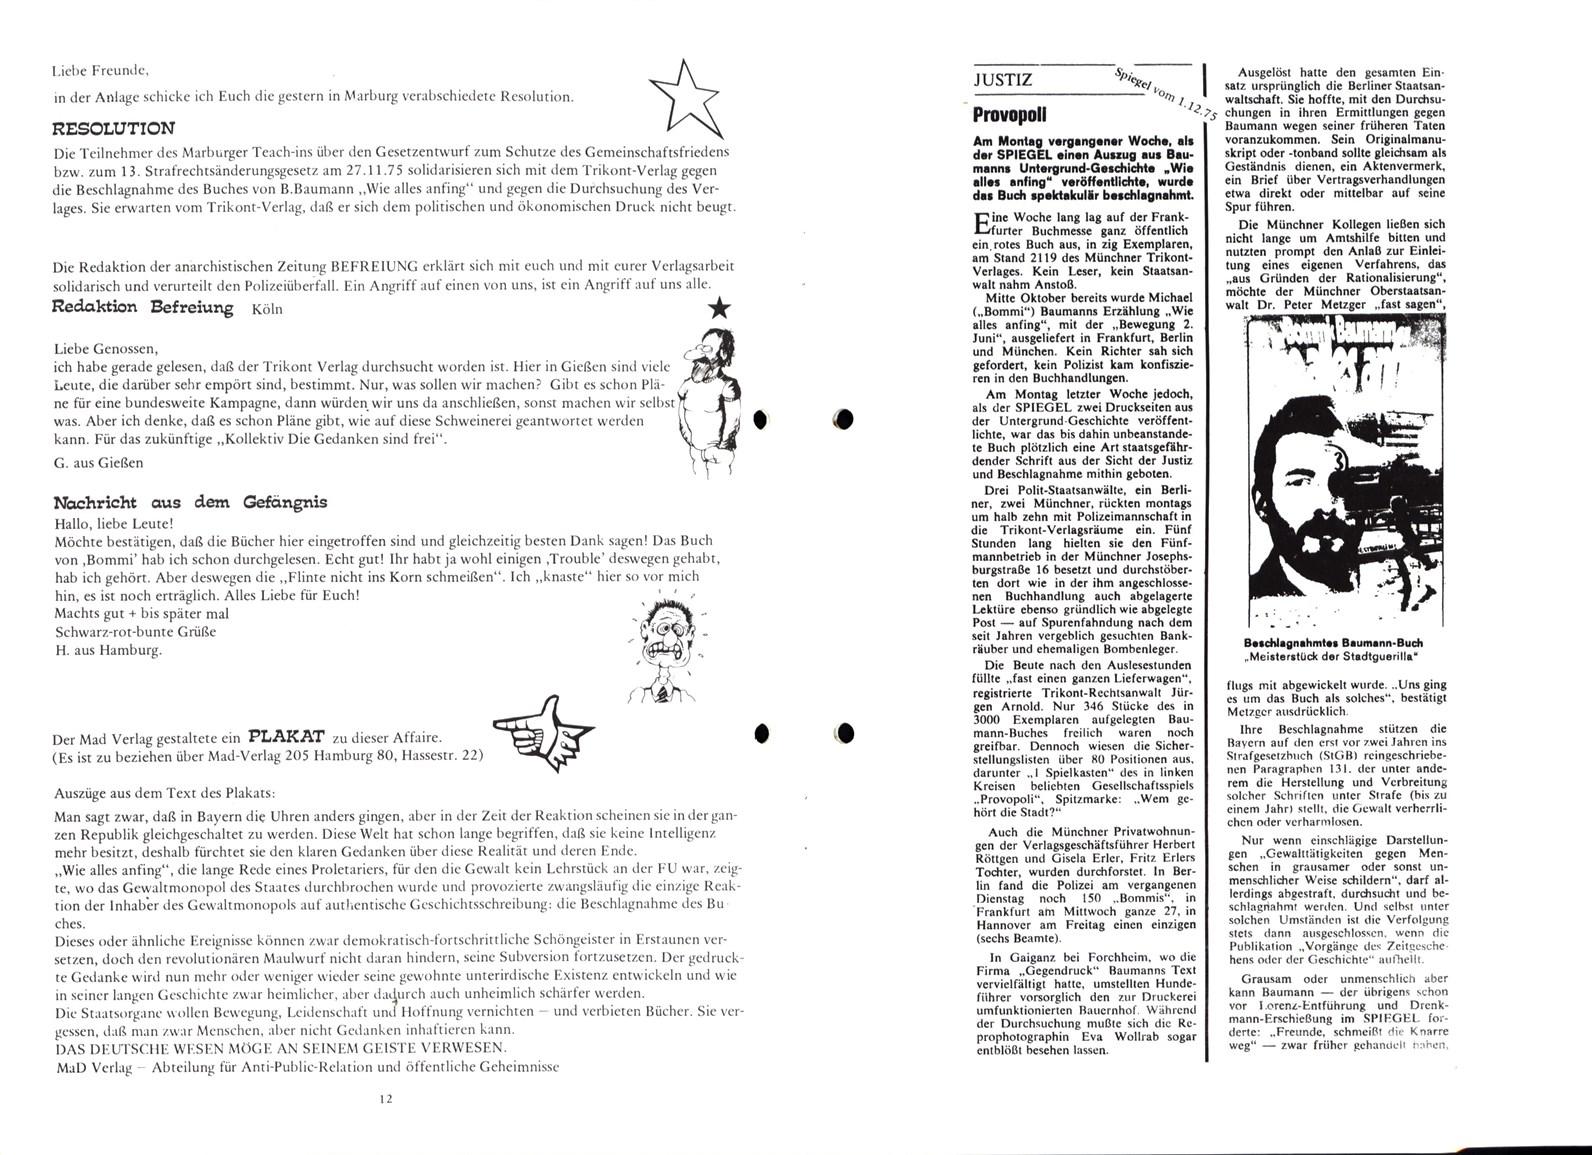 REP_1976_Doku_Beschlagnahme_von_Literatur_07